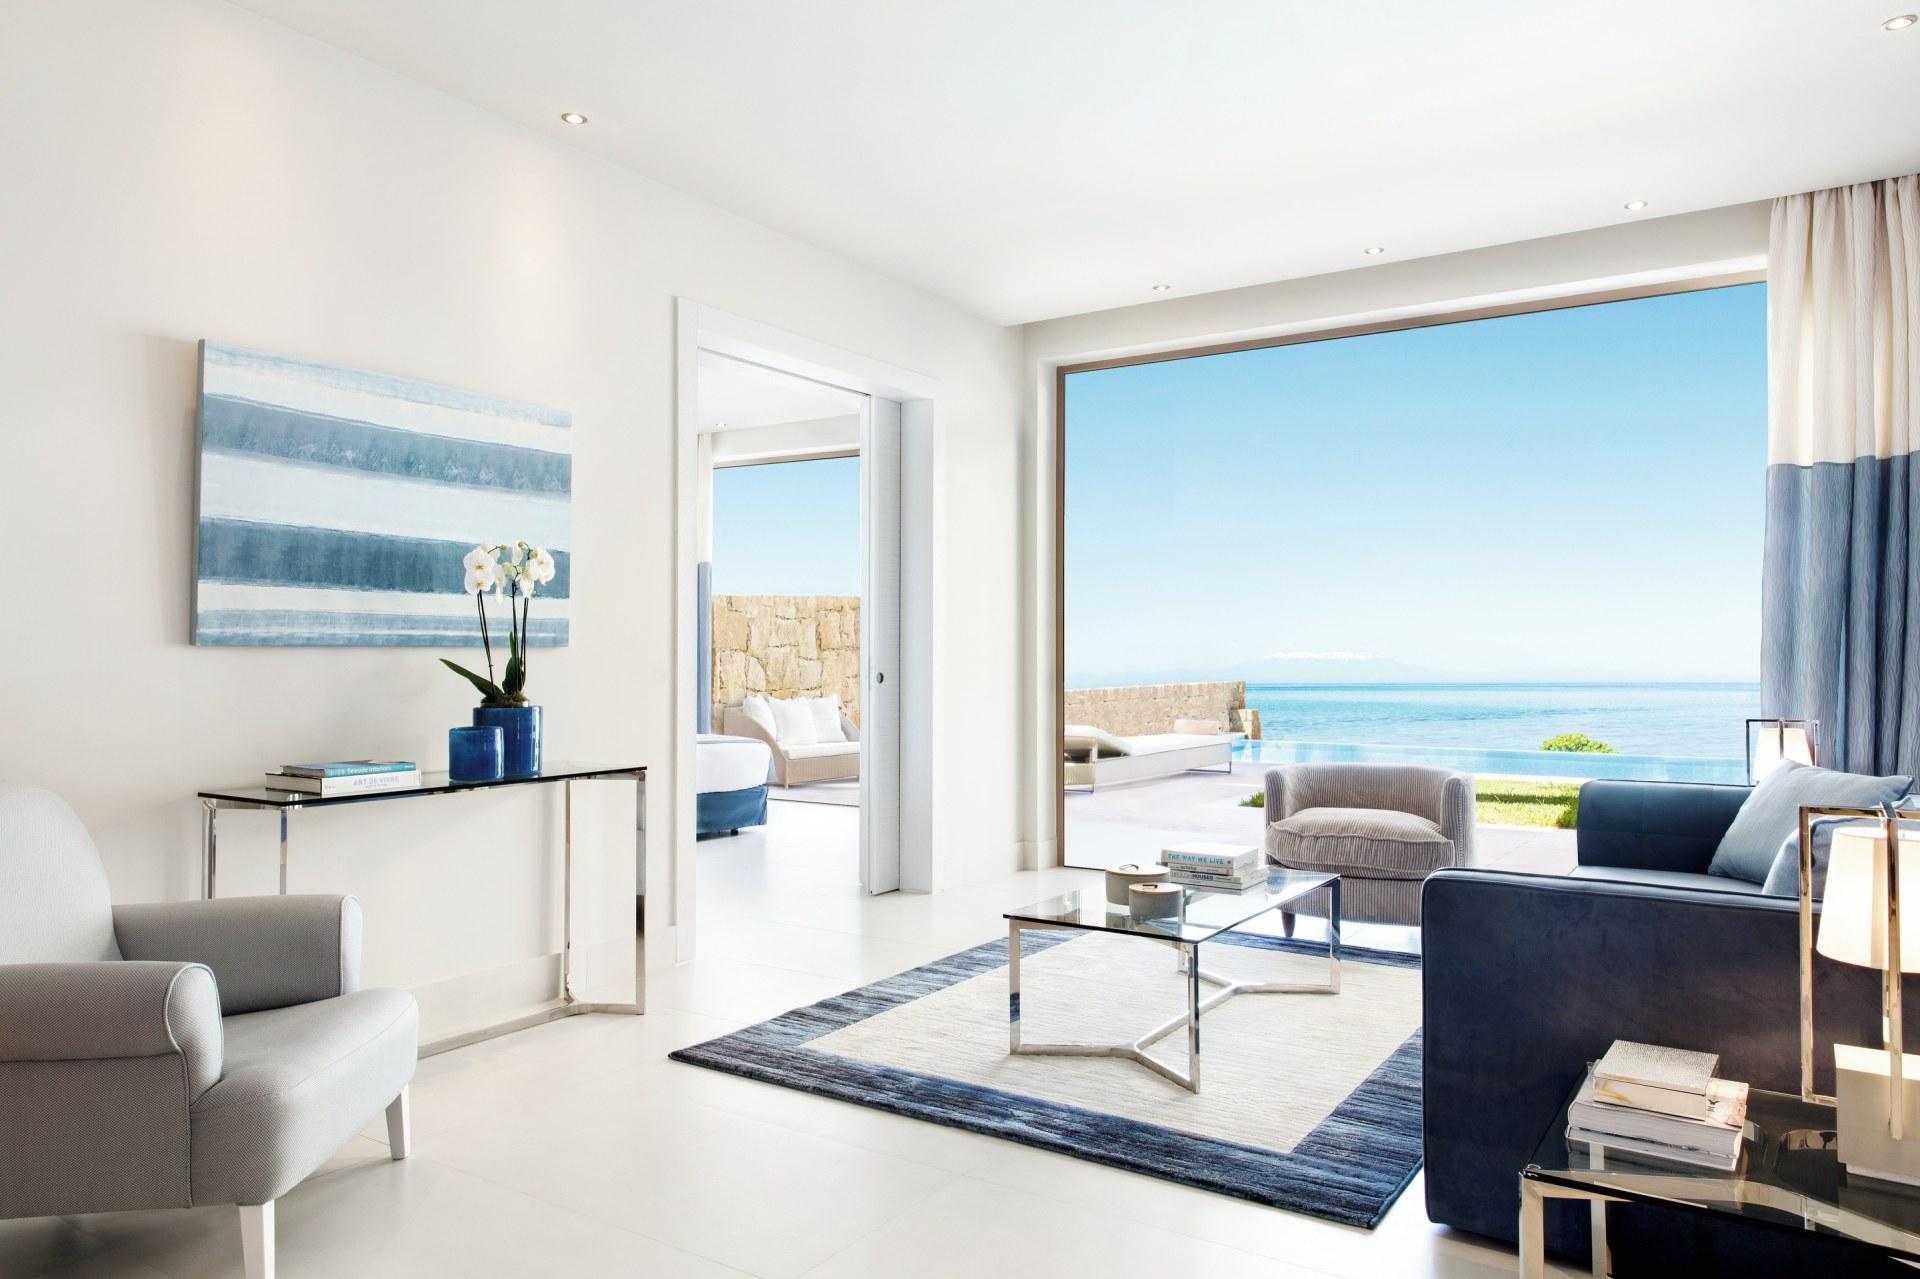 Wohnbereich von der One Bedroom Bungalow Suite mit privatem Pool